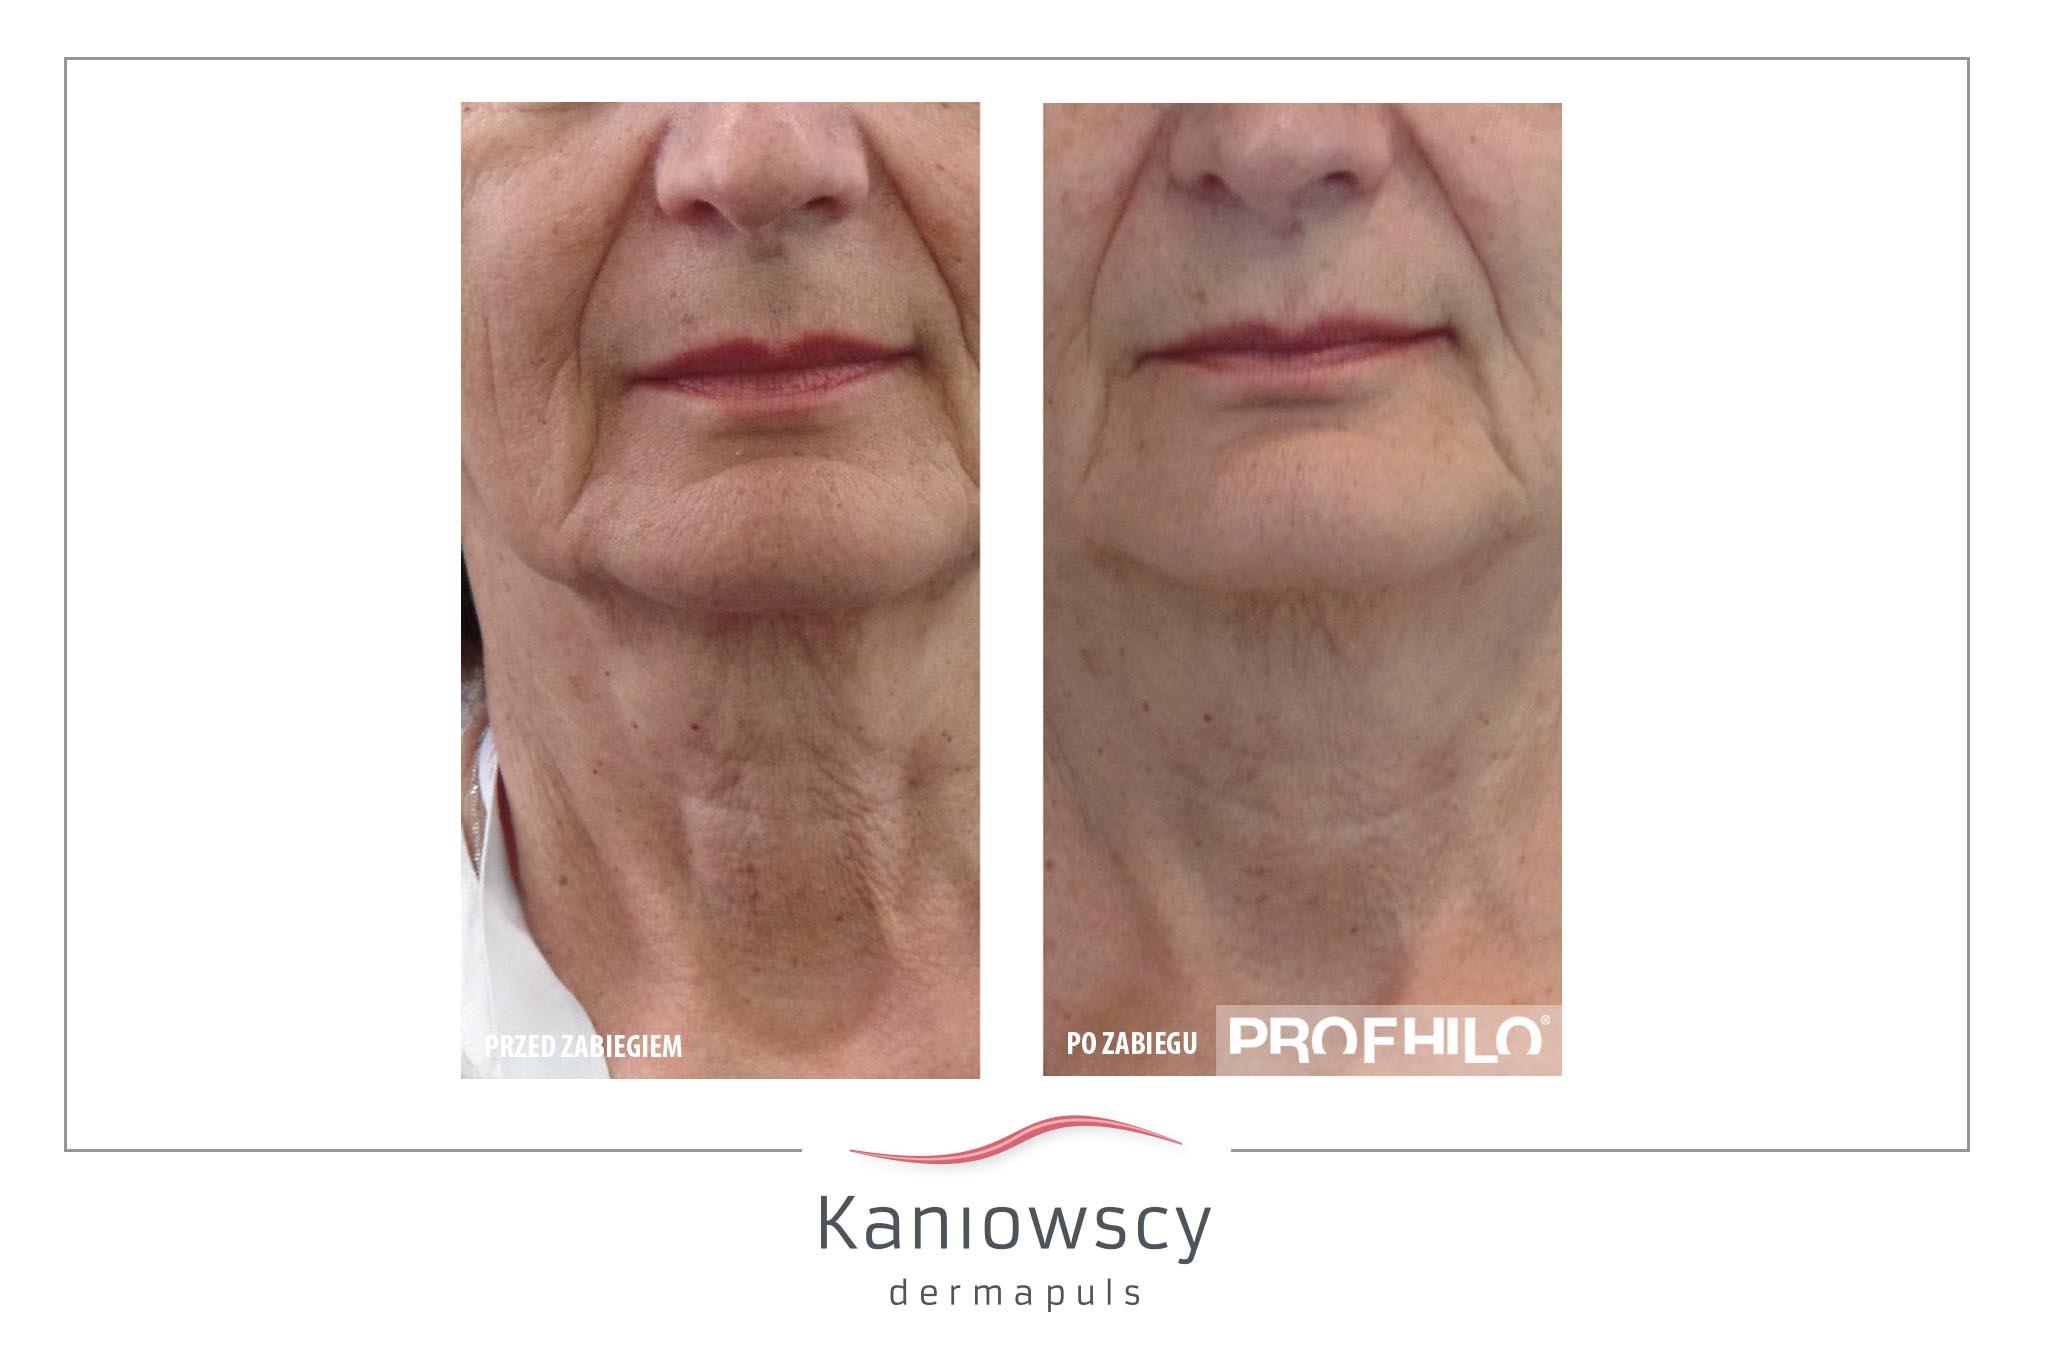 EFEKTY ZABIEG PROFHILO KANIOWSCY